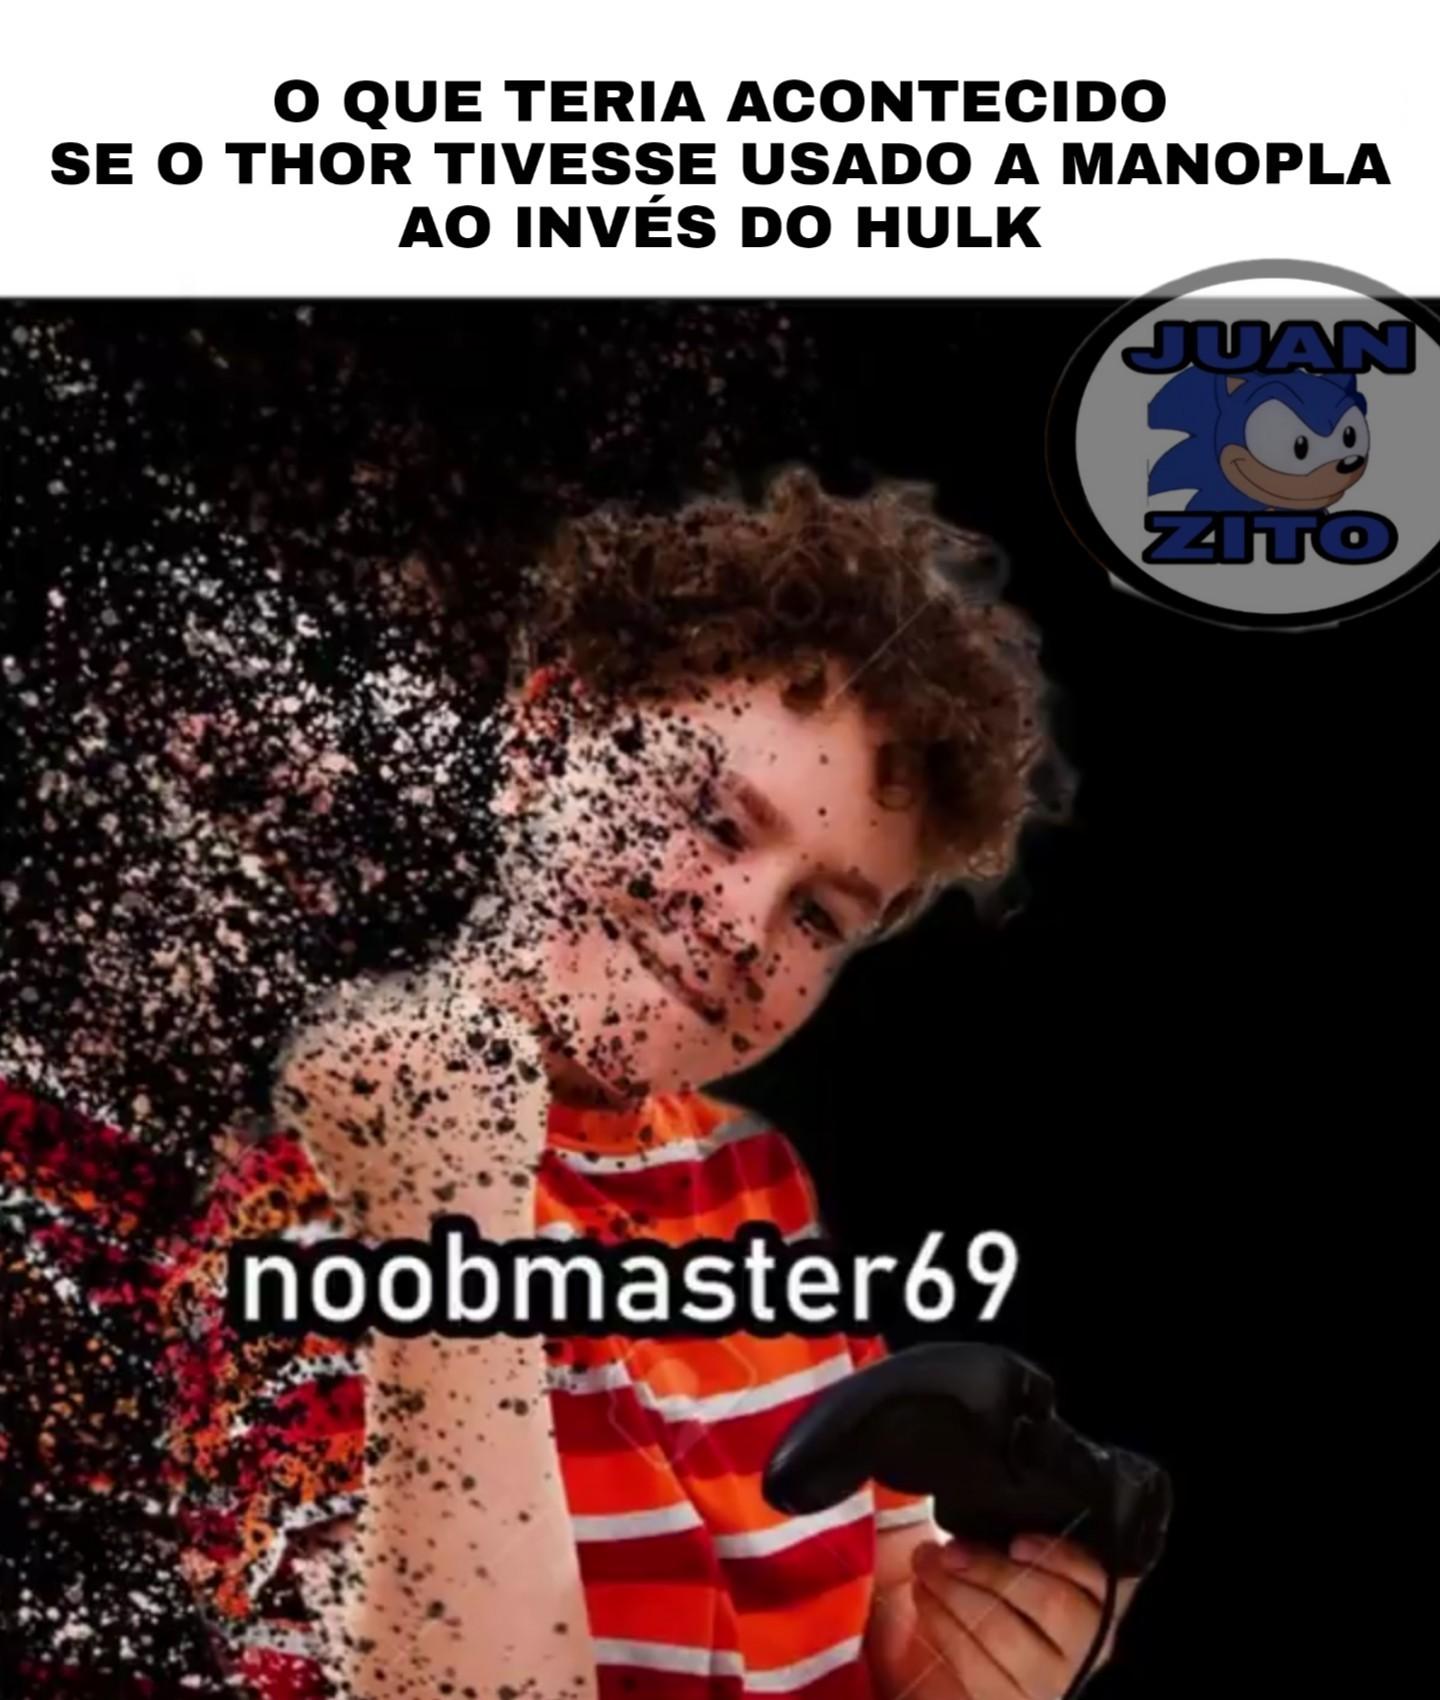 Thor gordo melhor personagem - meme